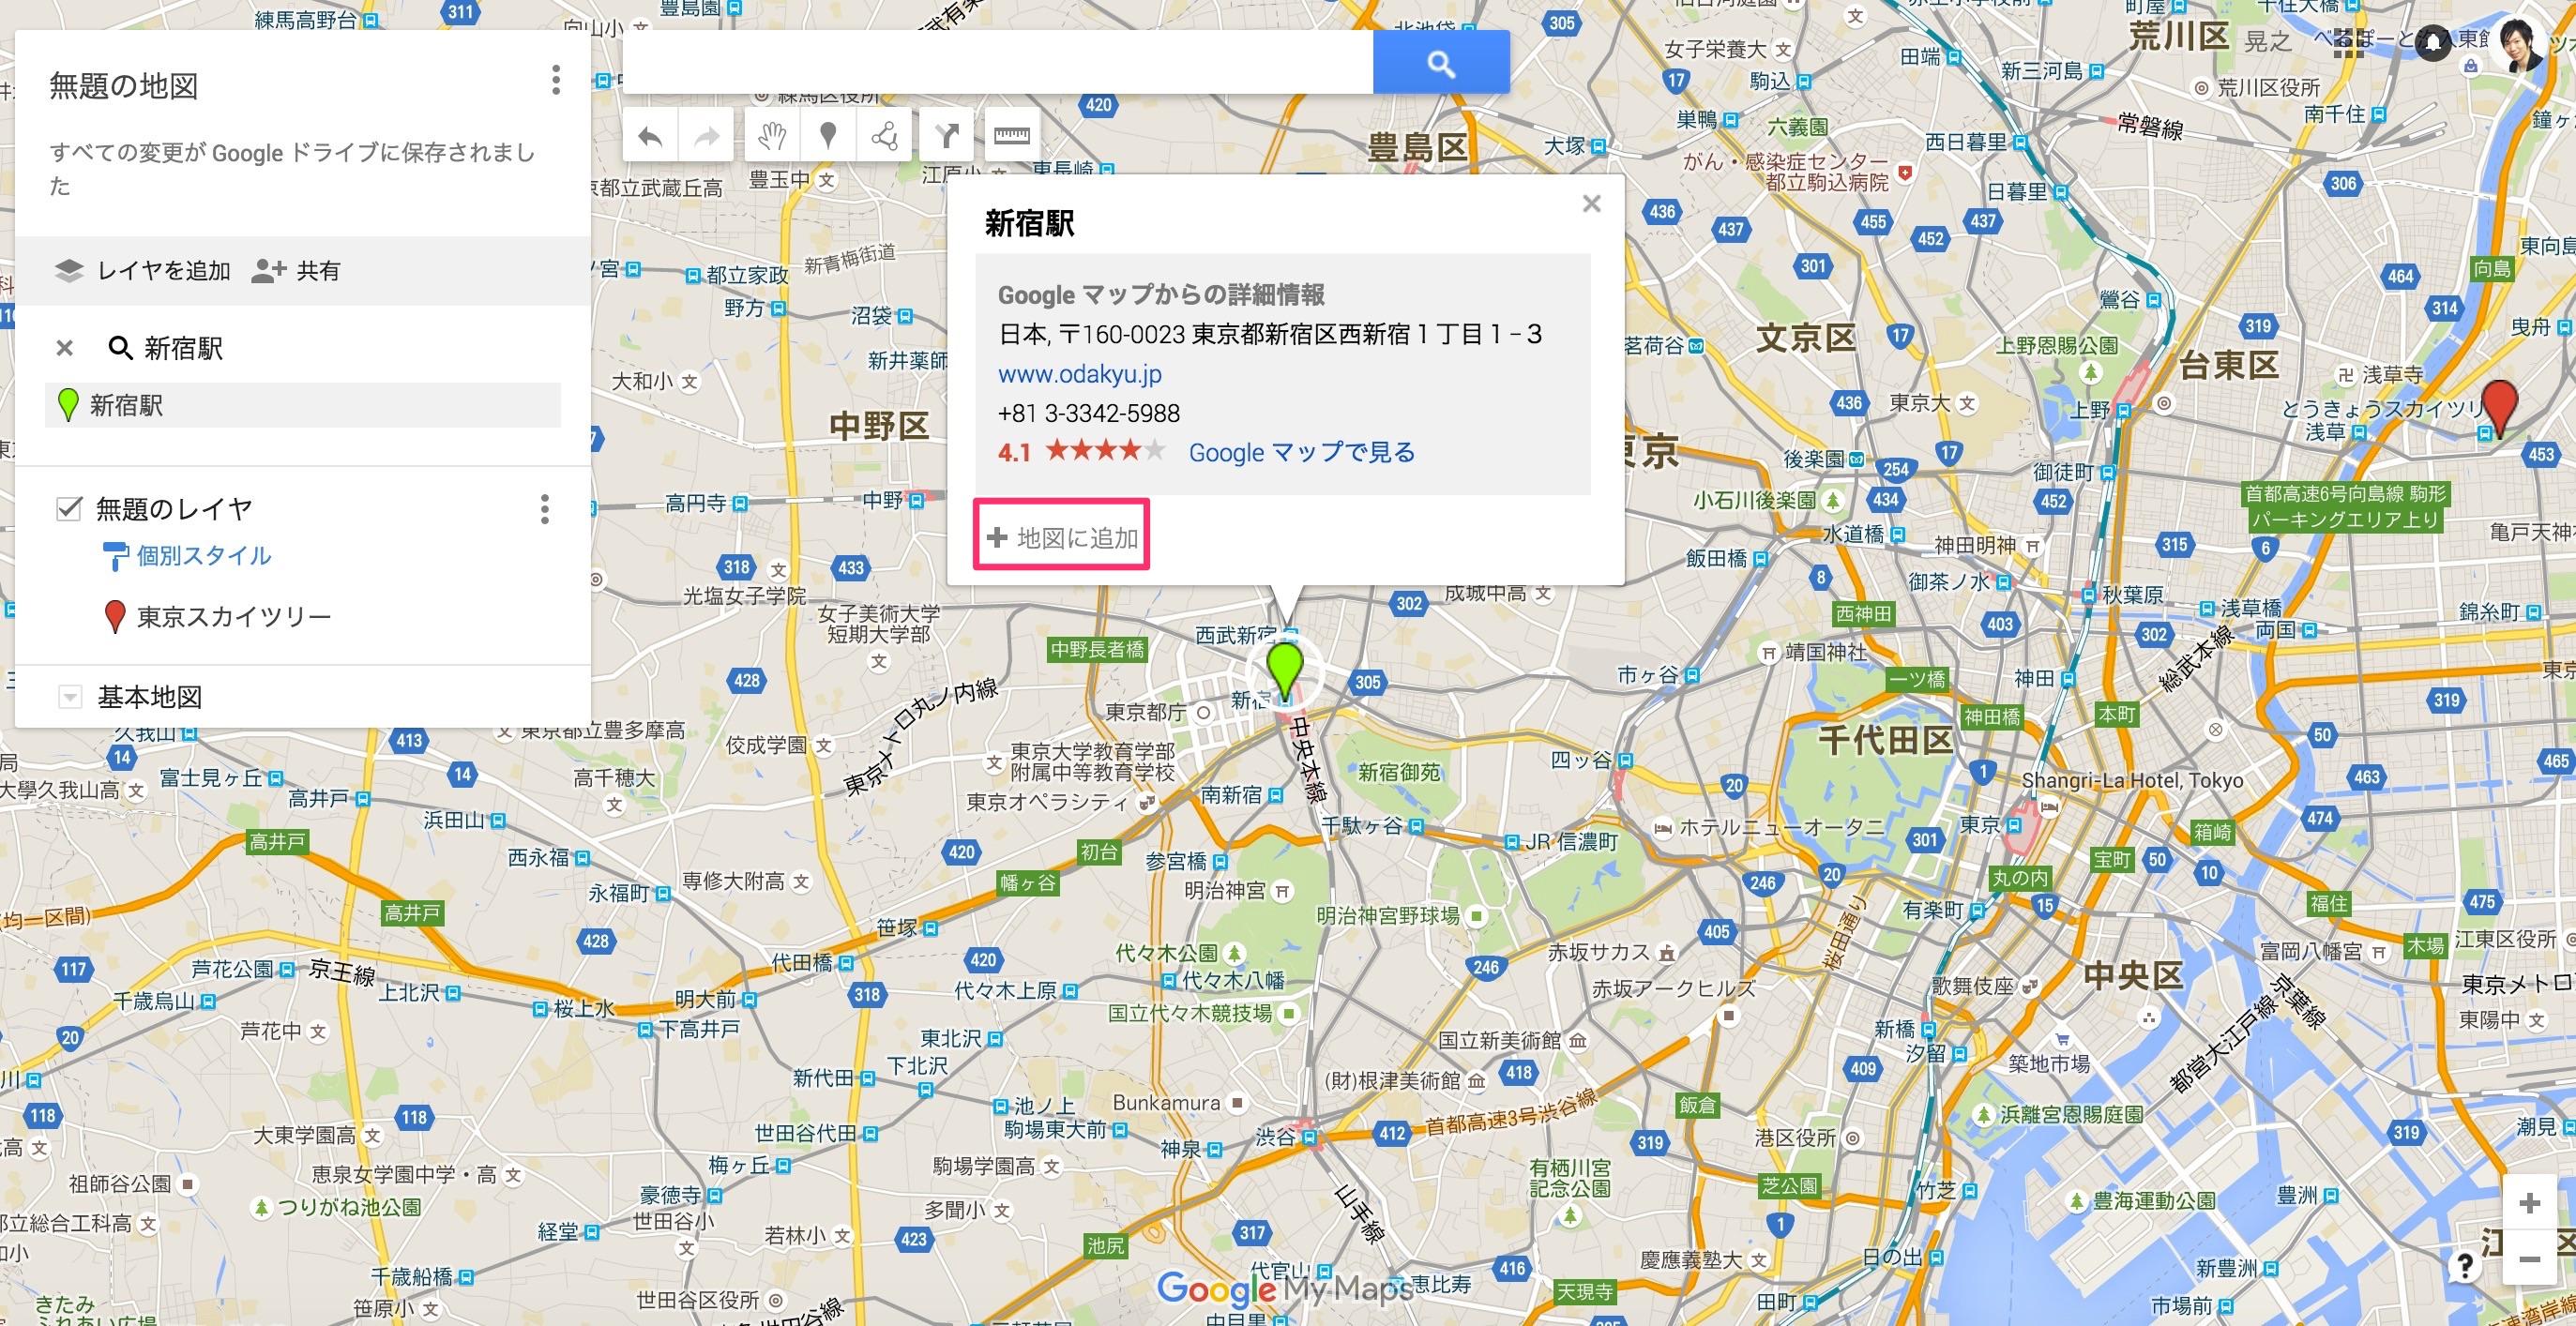 googlemapのマイプレイスの使い方5